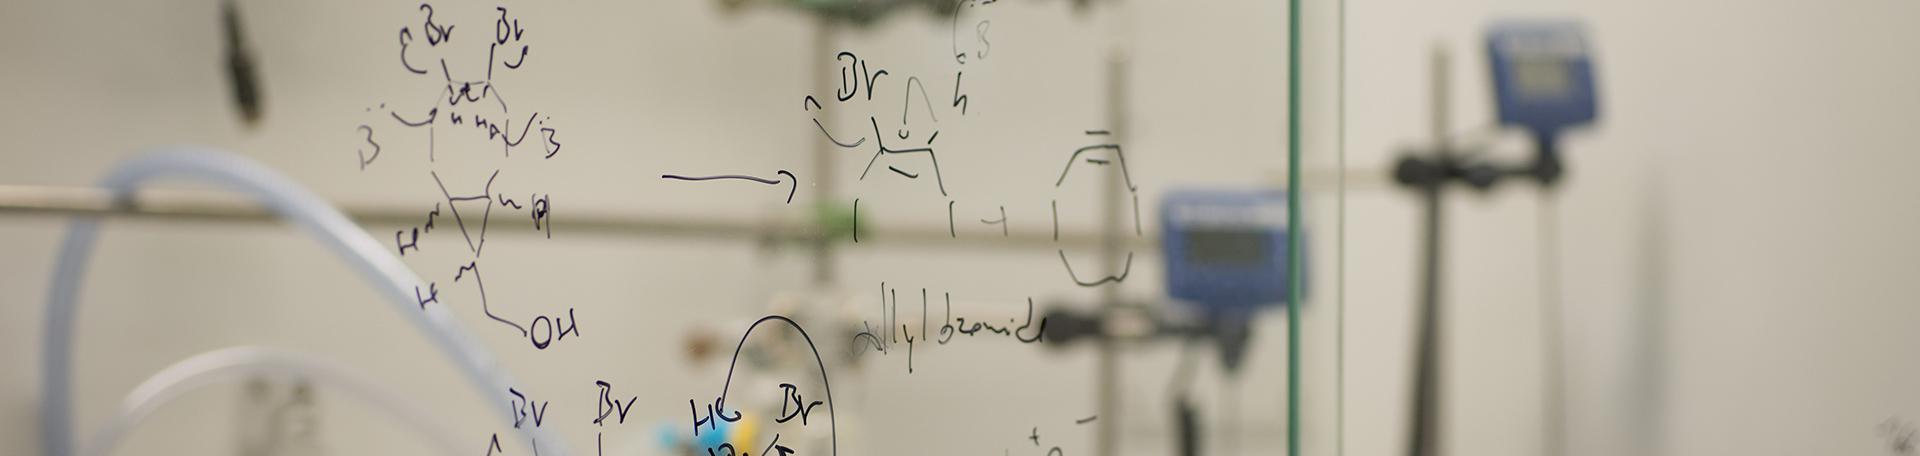 SiChem develops syntheitc routes